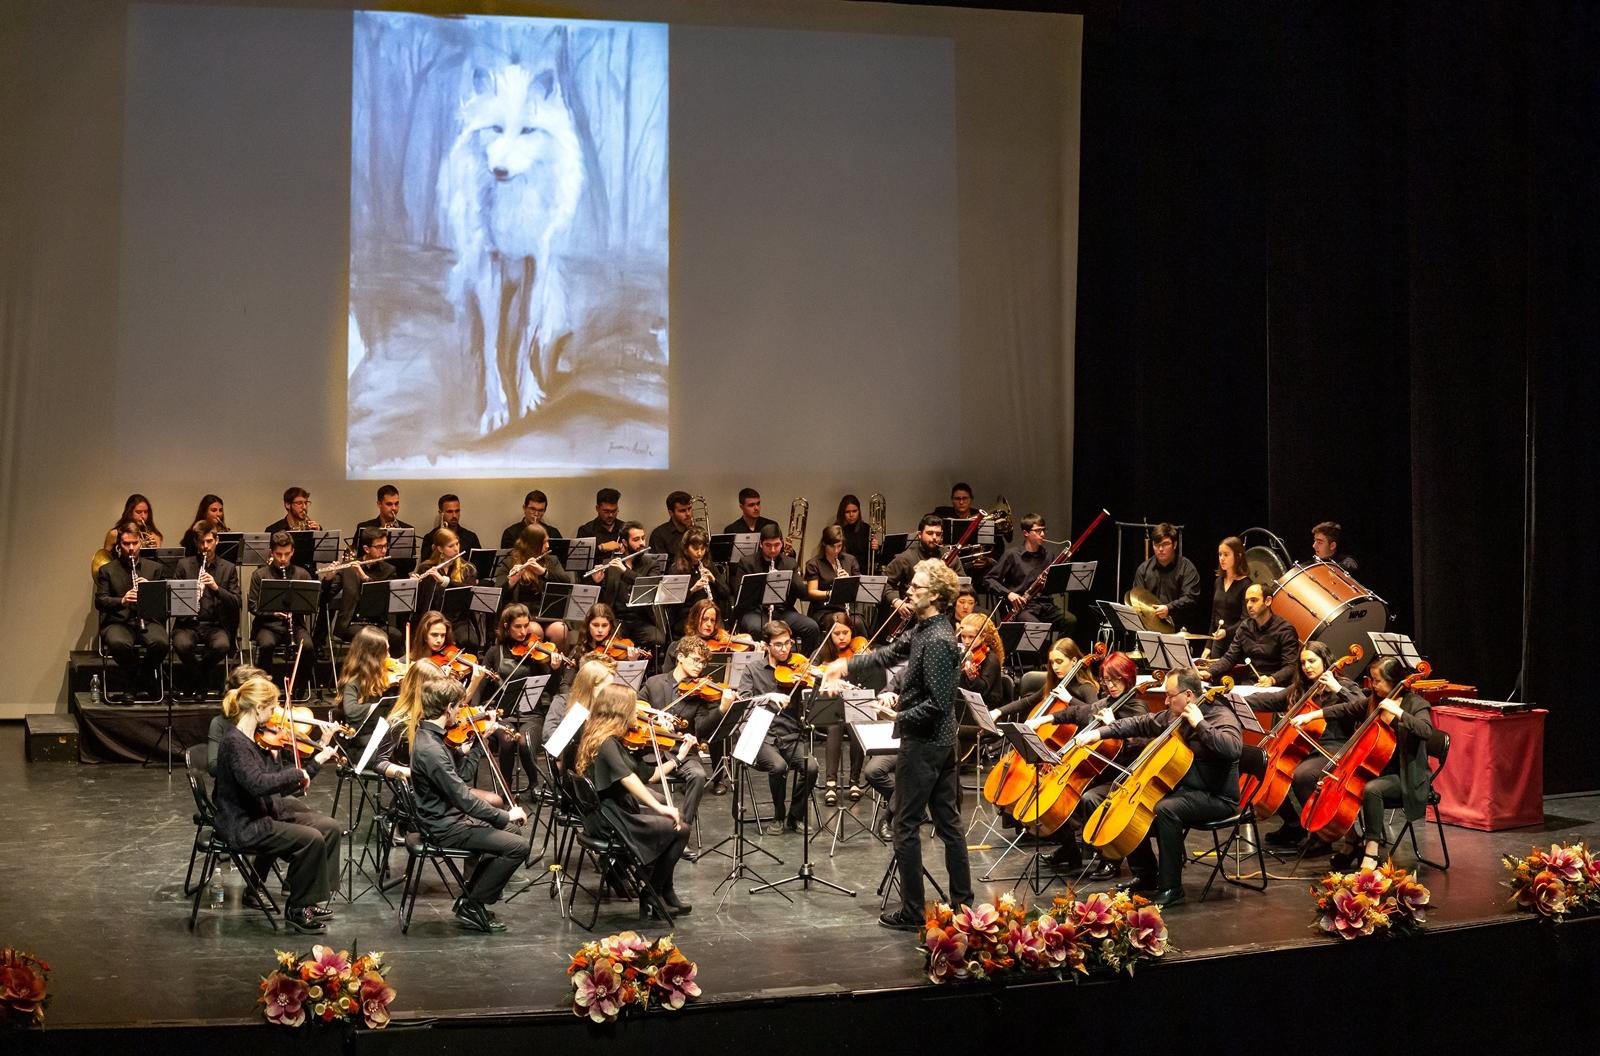 Orquesta Filarmonía de Sevilla -Jóvenes Intérpretes-